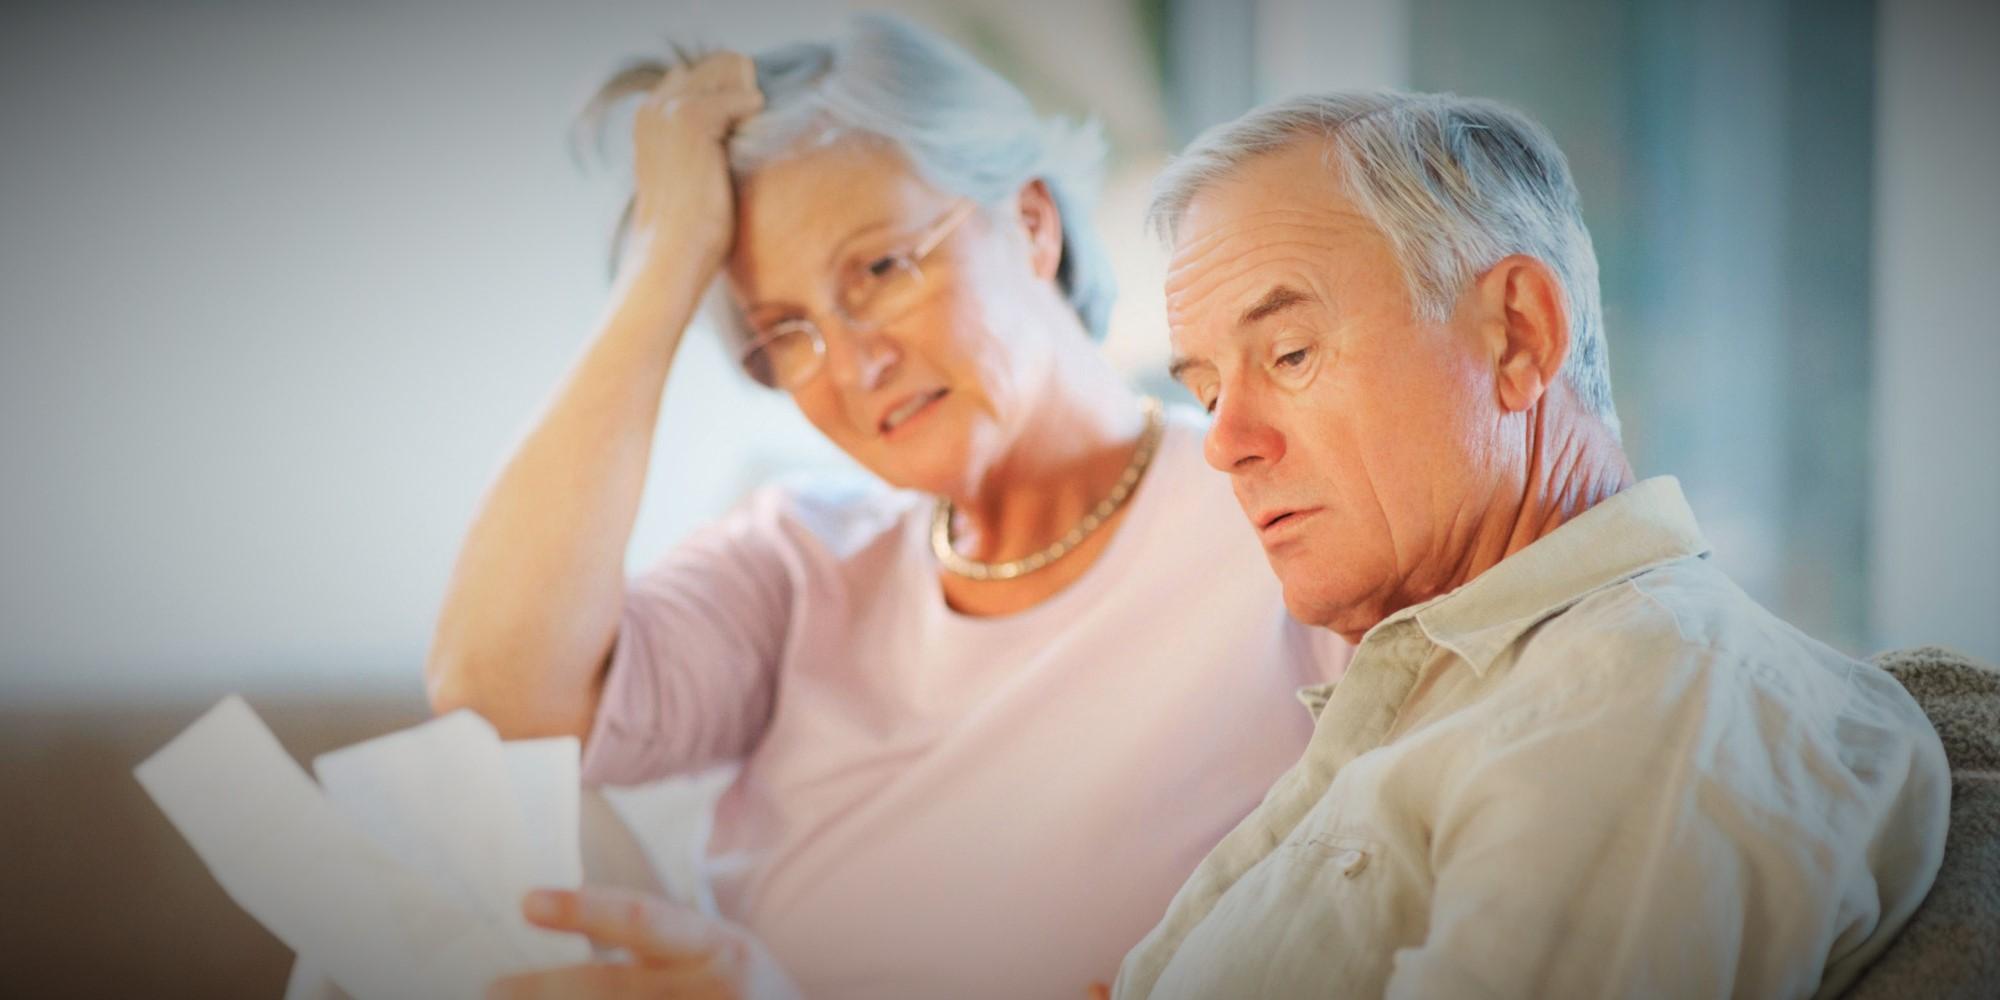 nyugdíjfizetési naptár Mikor fizetik a nyugdíjat 2018 ban? Íme, az időpontok | ZSEBREMEGY.HU nyugdíjfizetési naptár